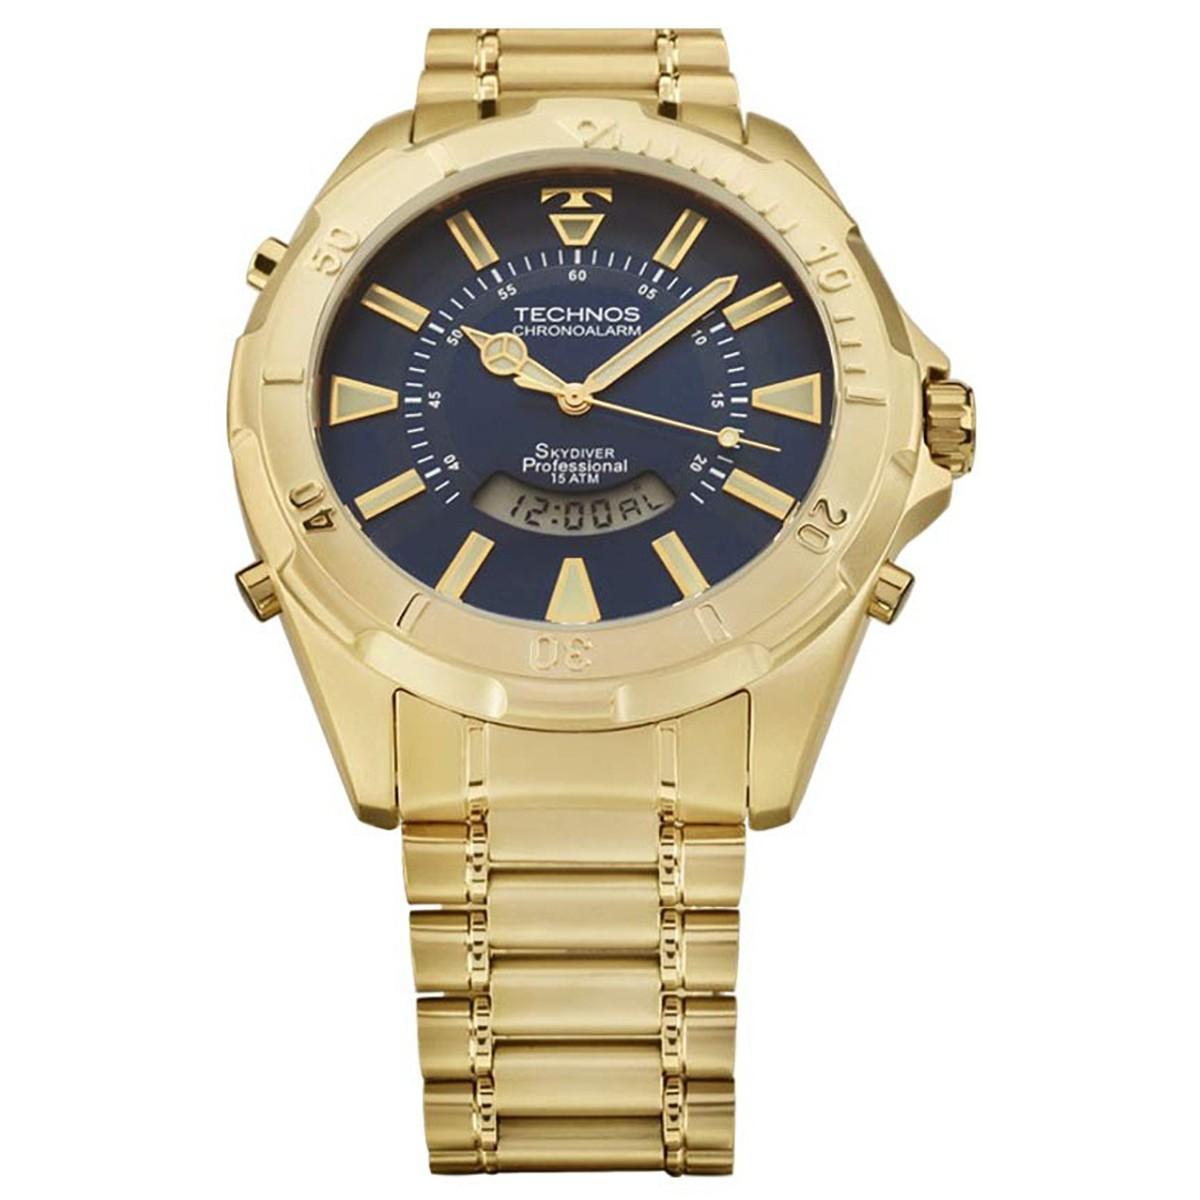 Compre Relógio Technos Skydiver - Edição comemorativa 30 anos em 10X   Tri- Jóia Shop c49dd7ea16